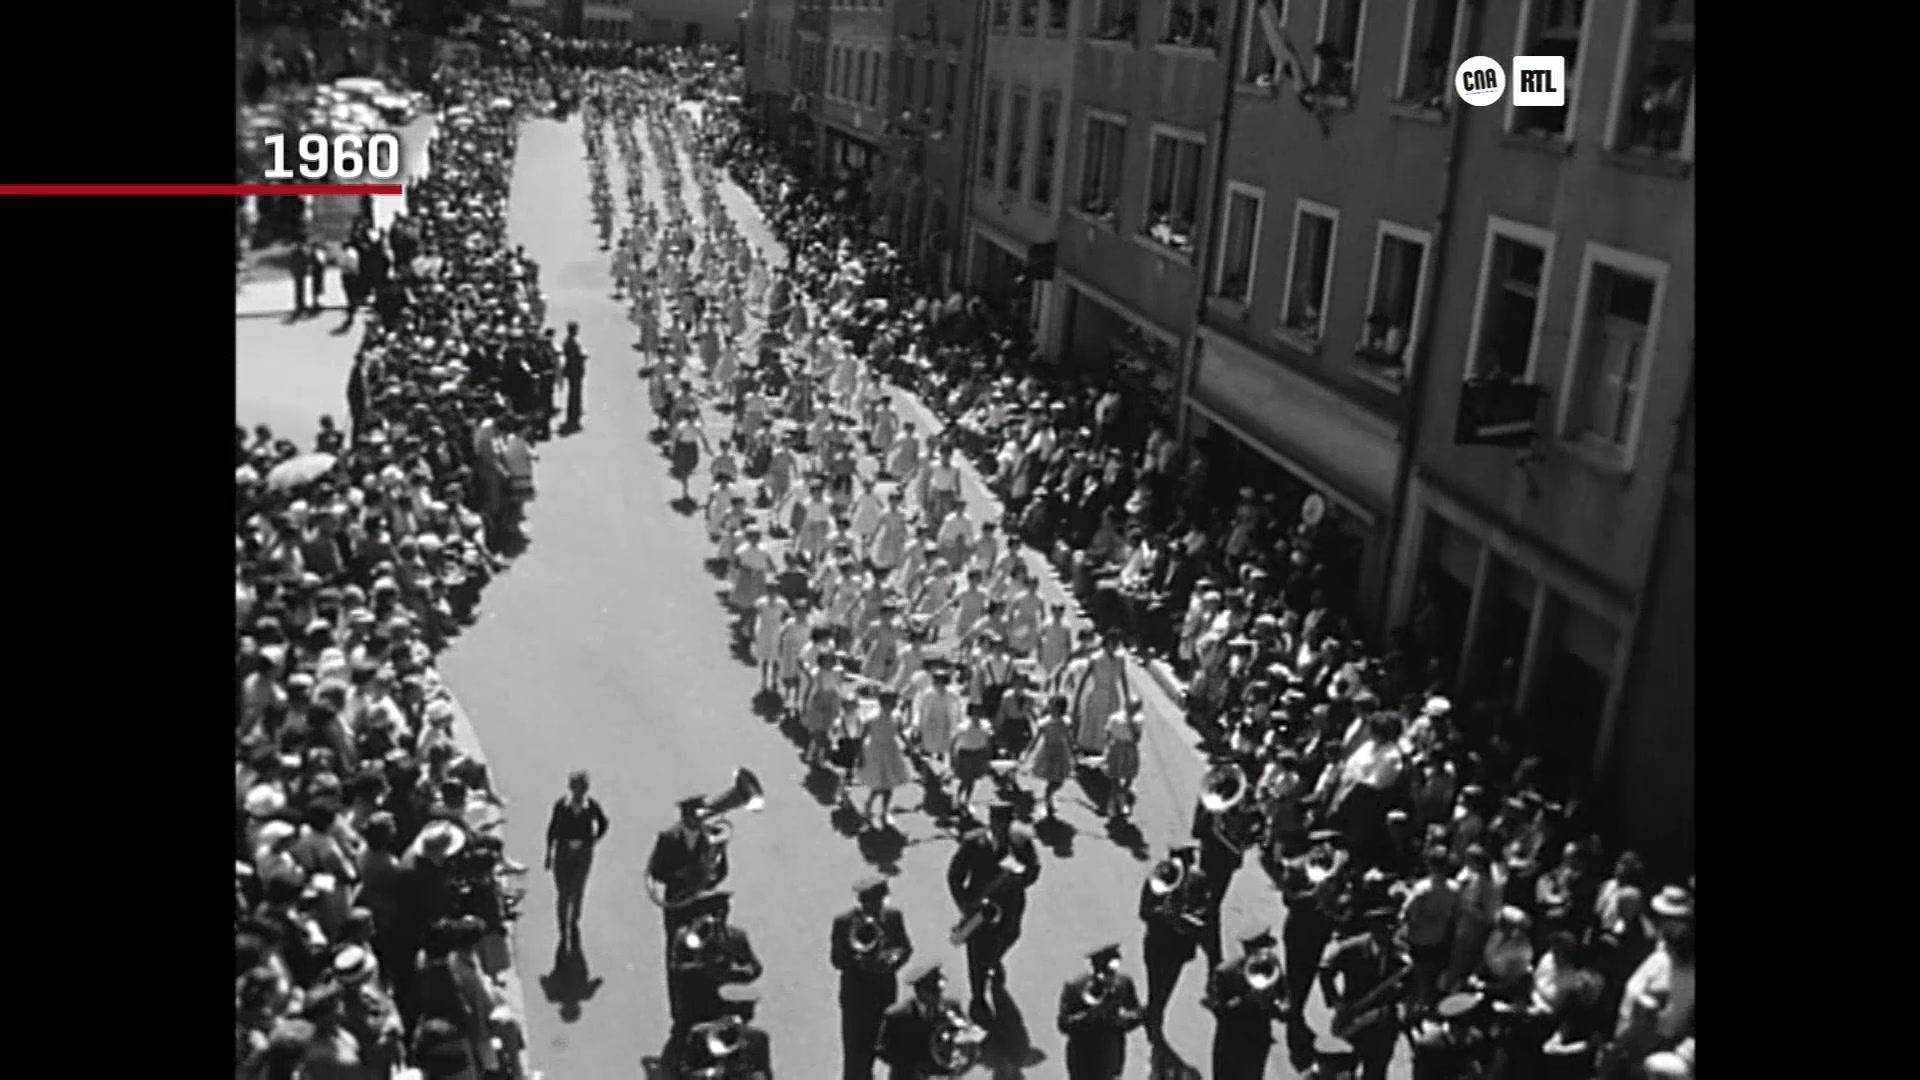 Découvrez les trésors des archives luxembourgeoises :La procession dansante d'Echternach